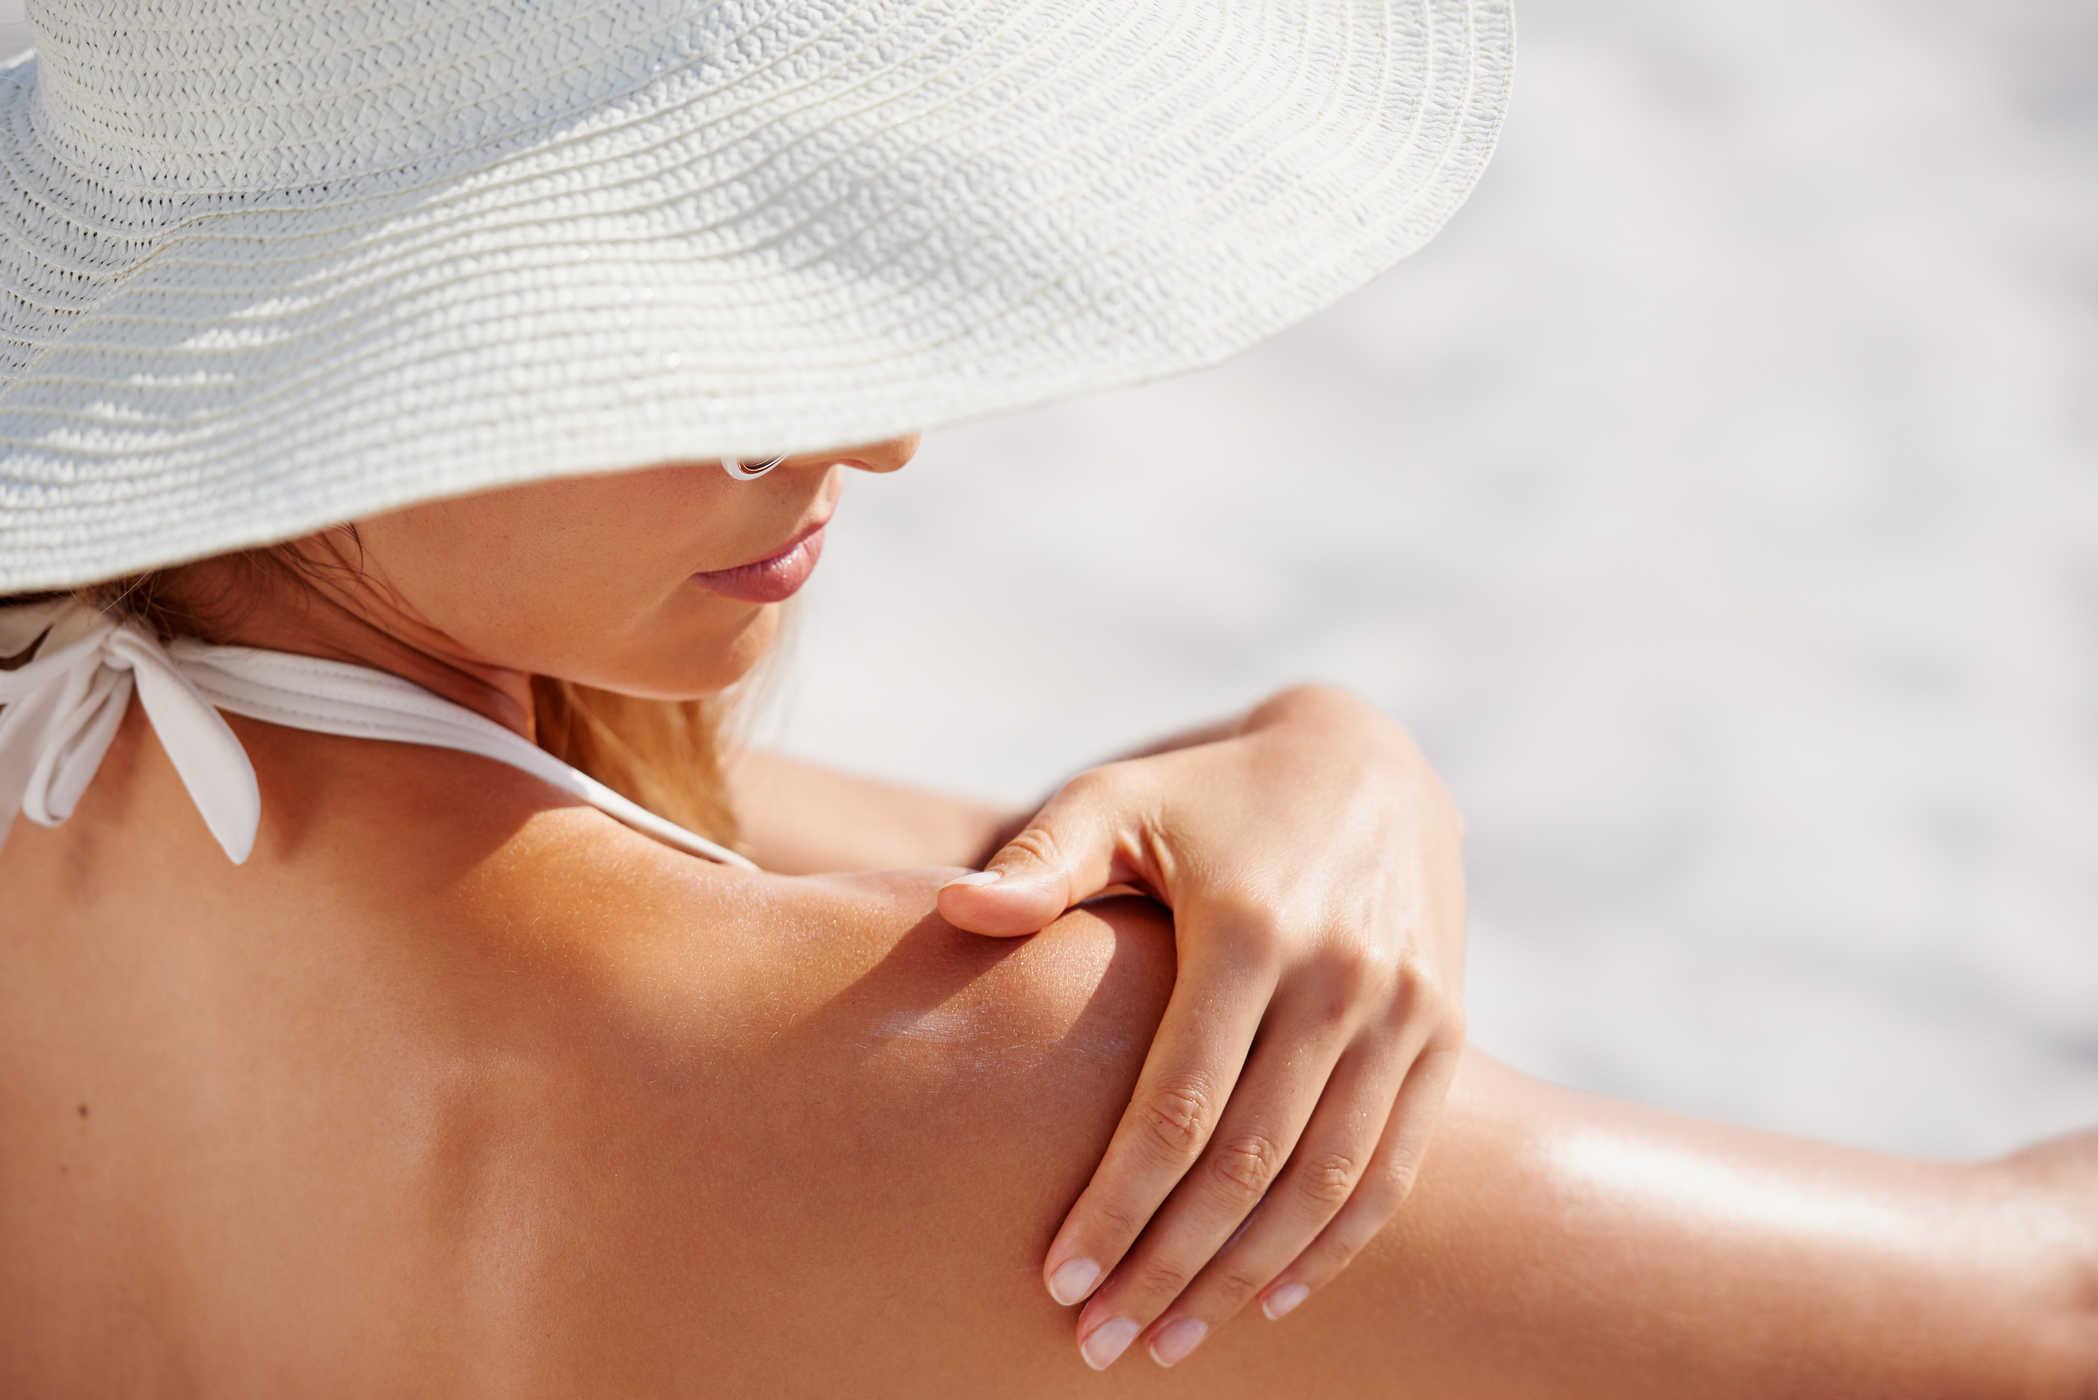 Kem chống nắng vật lý an toàn với da nhạy cảm hơn các dòng kem khác